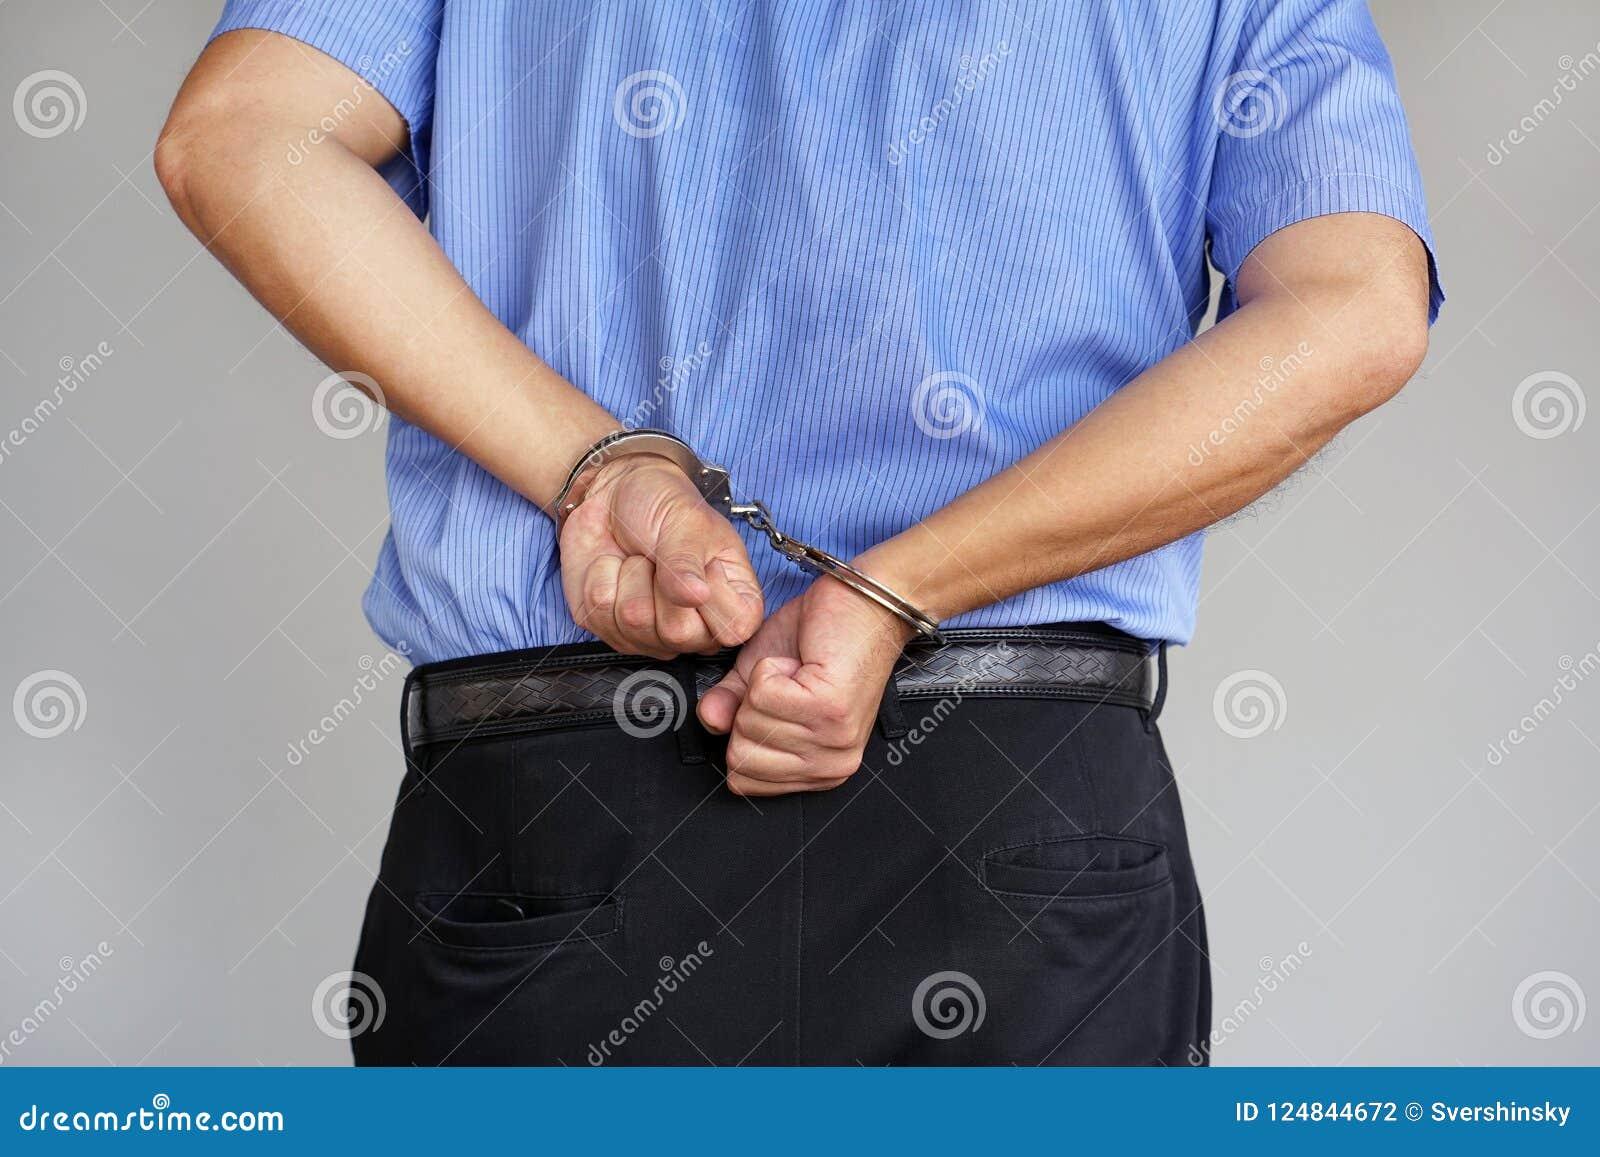 Zamknięta przestępca zakłada kajdanki ręki blokować w górę widok blisko lily farbuje miękki na widok wody